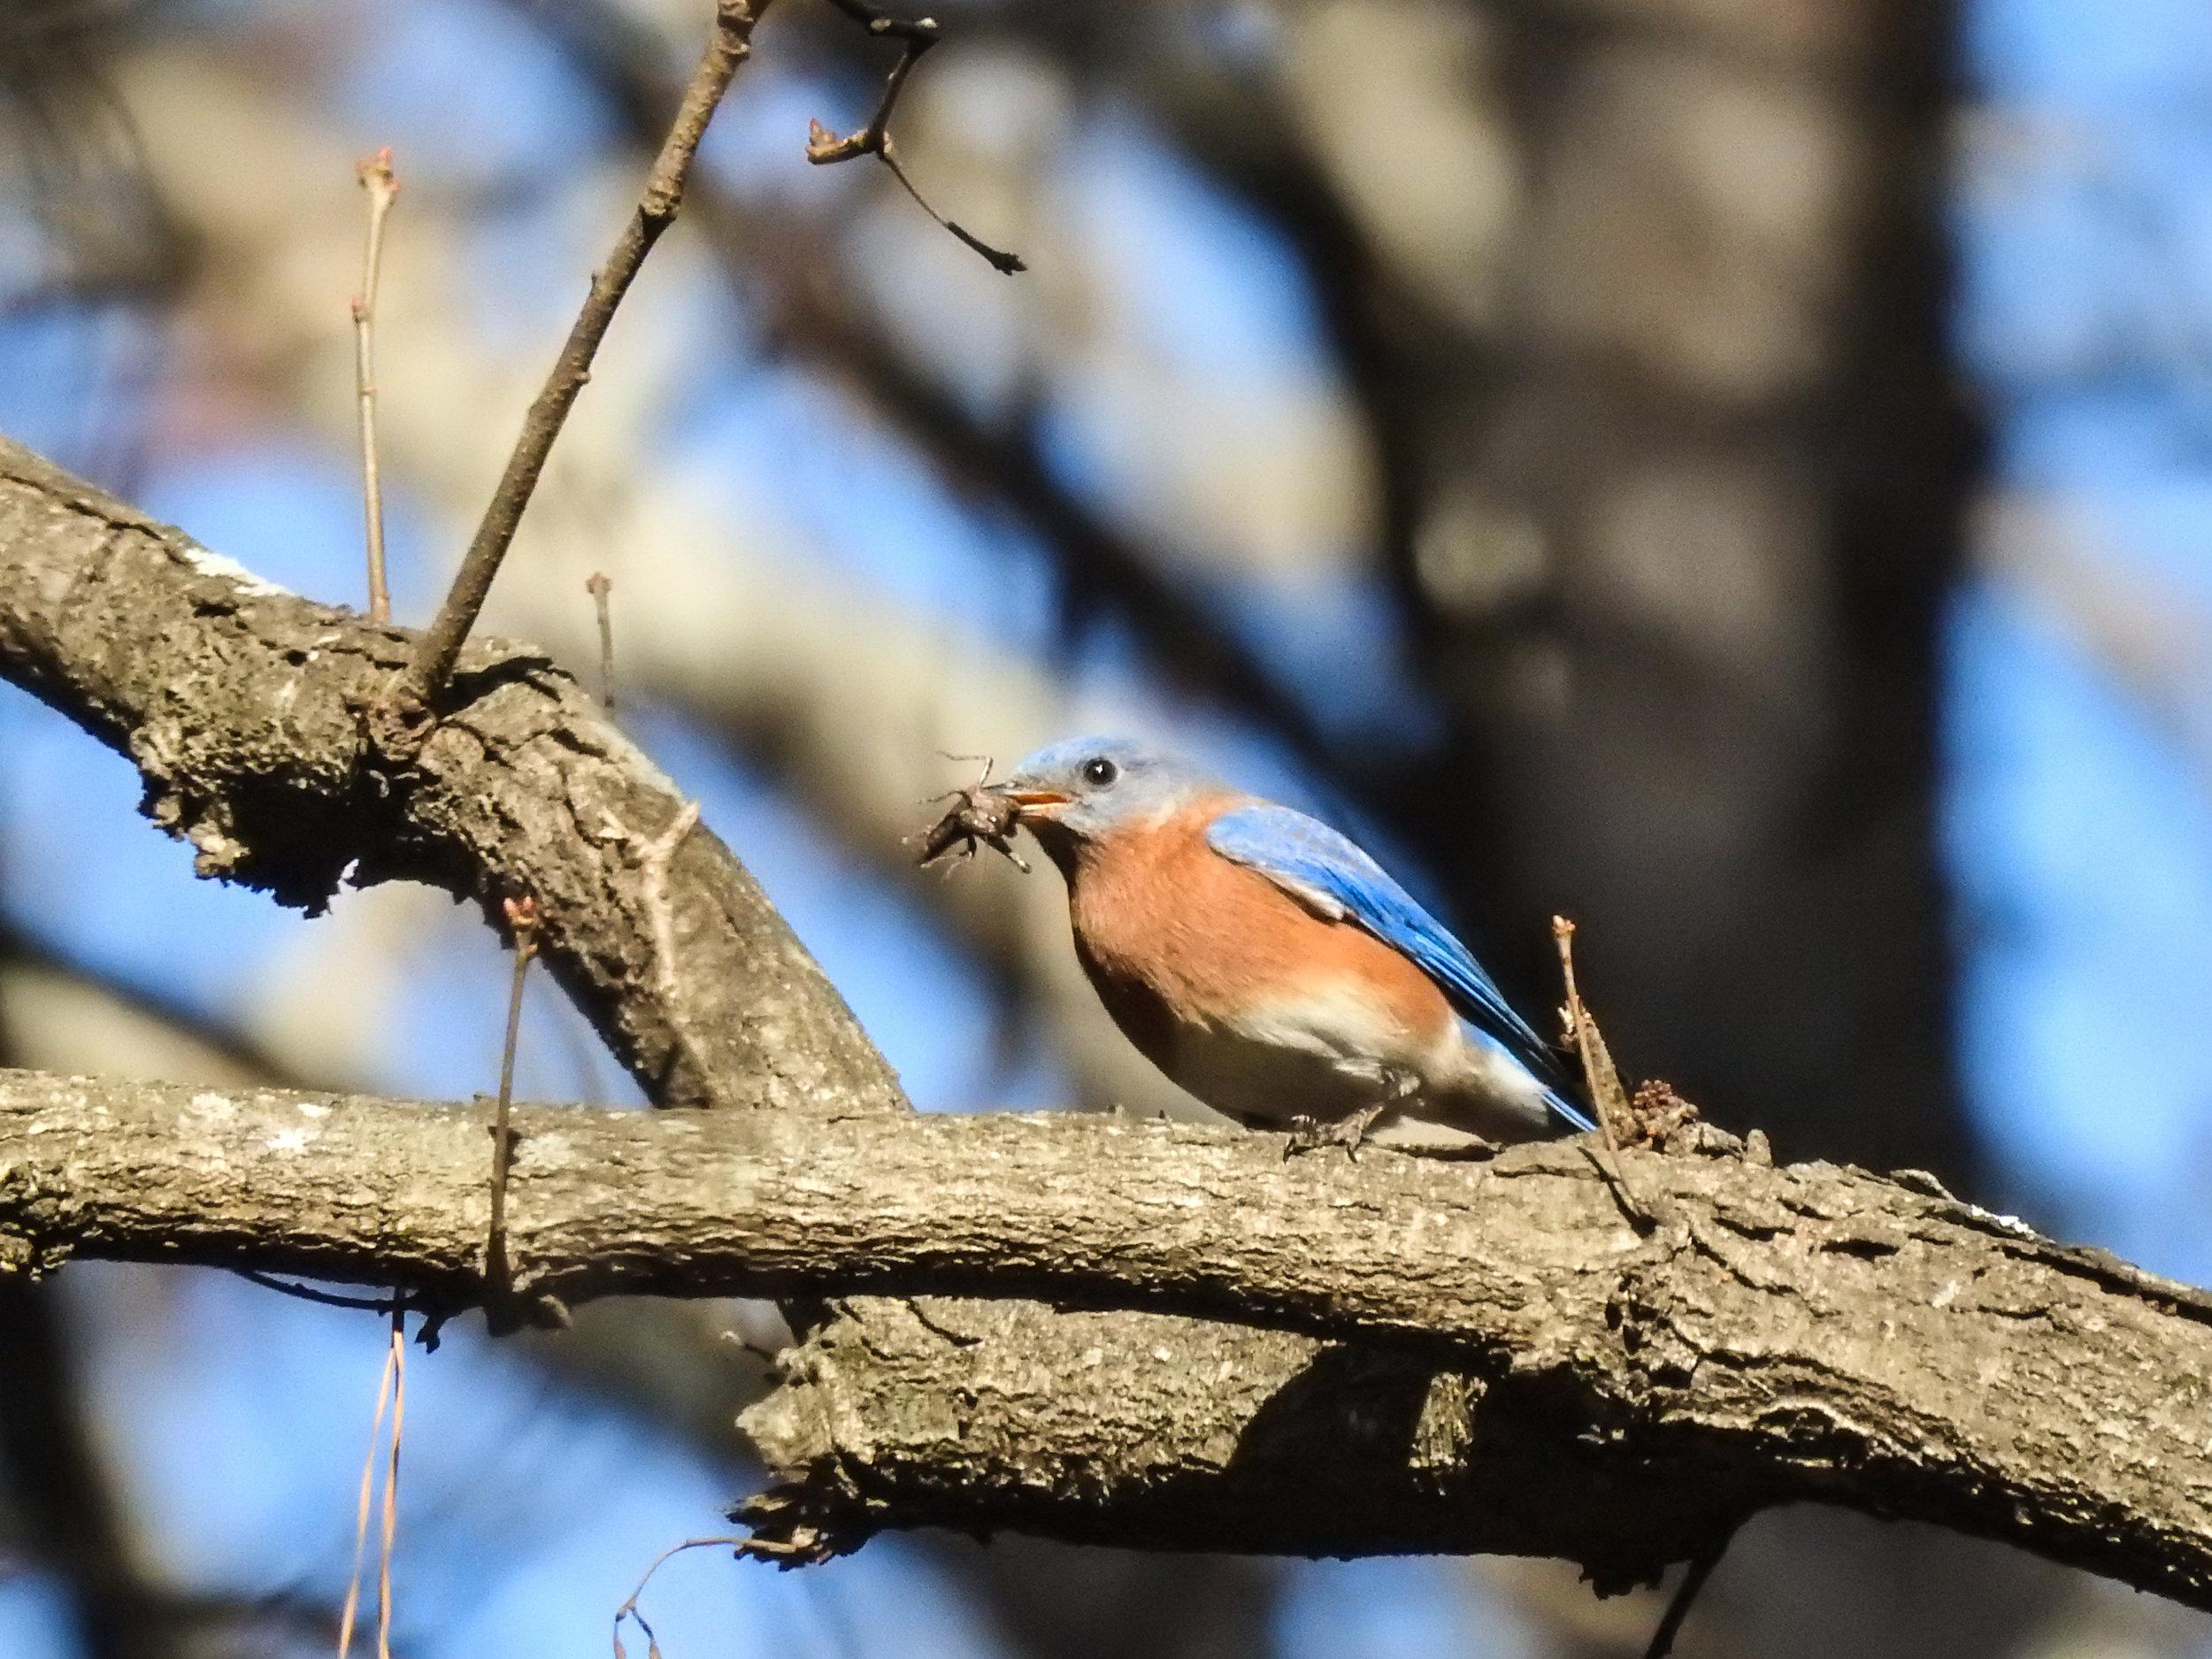 Eastern Bluebird, December 16, 2017